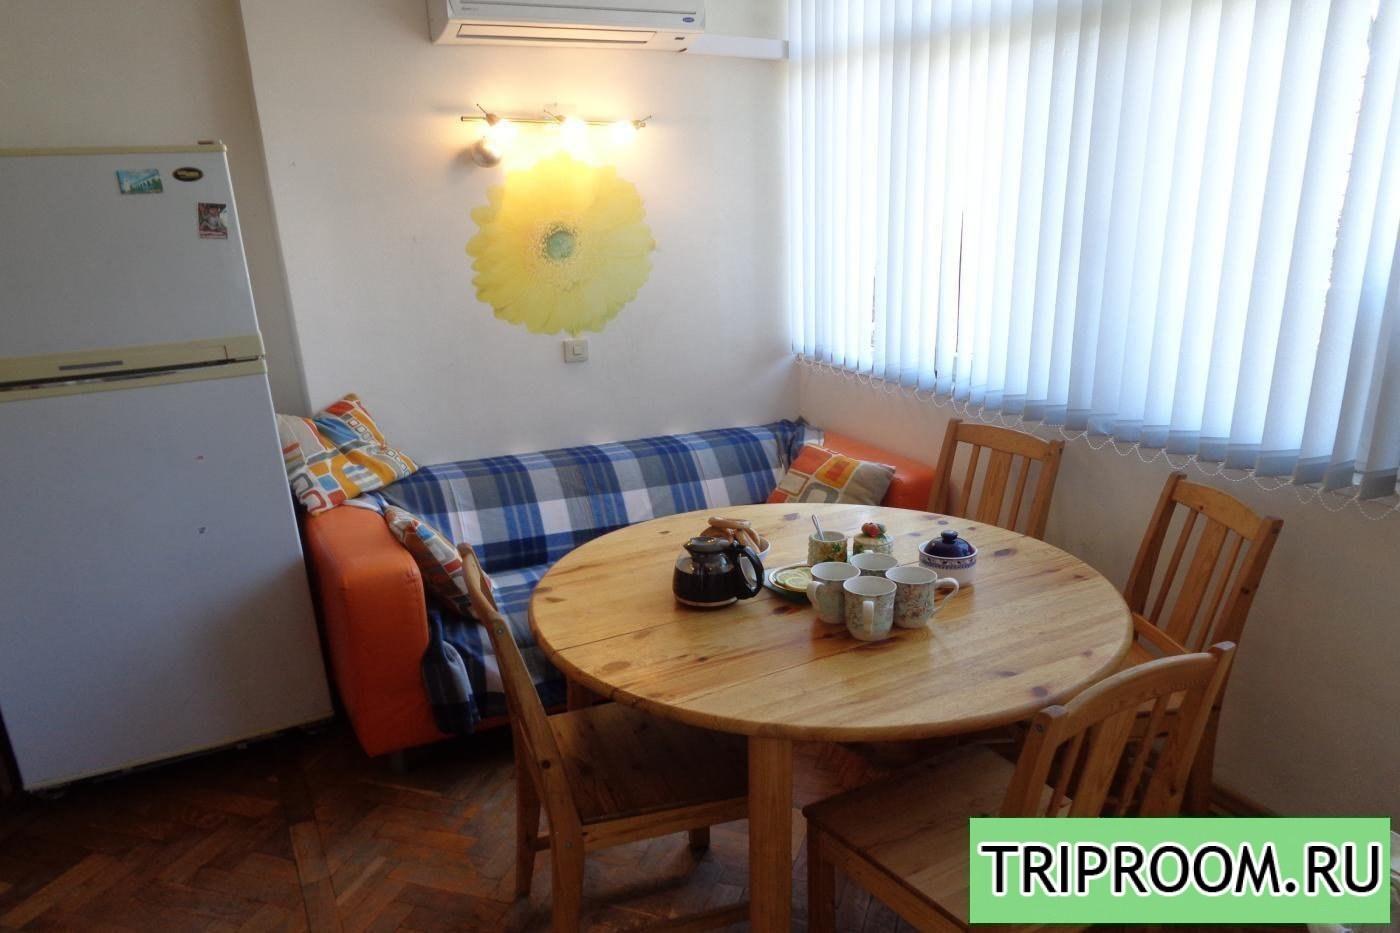 2-комнатная квартира посуточно (вариант № 6980), ул. Воровского улица, фото № 1